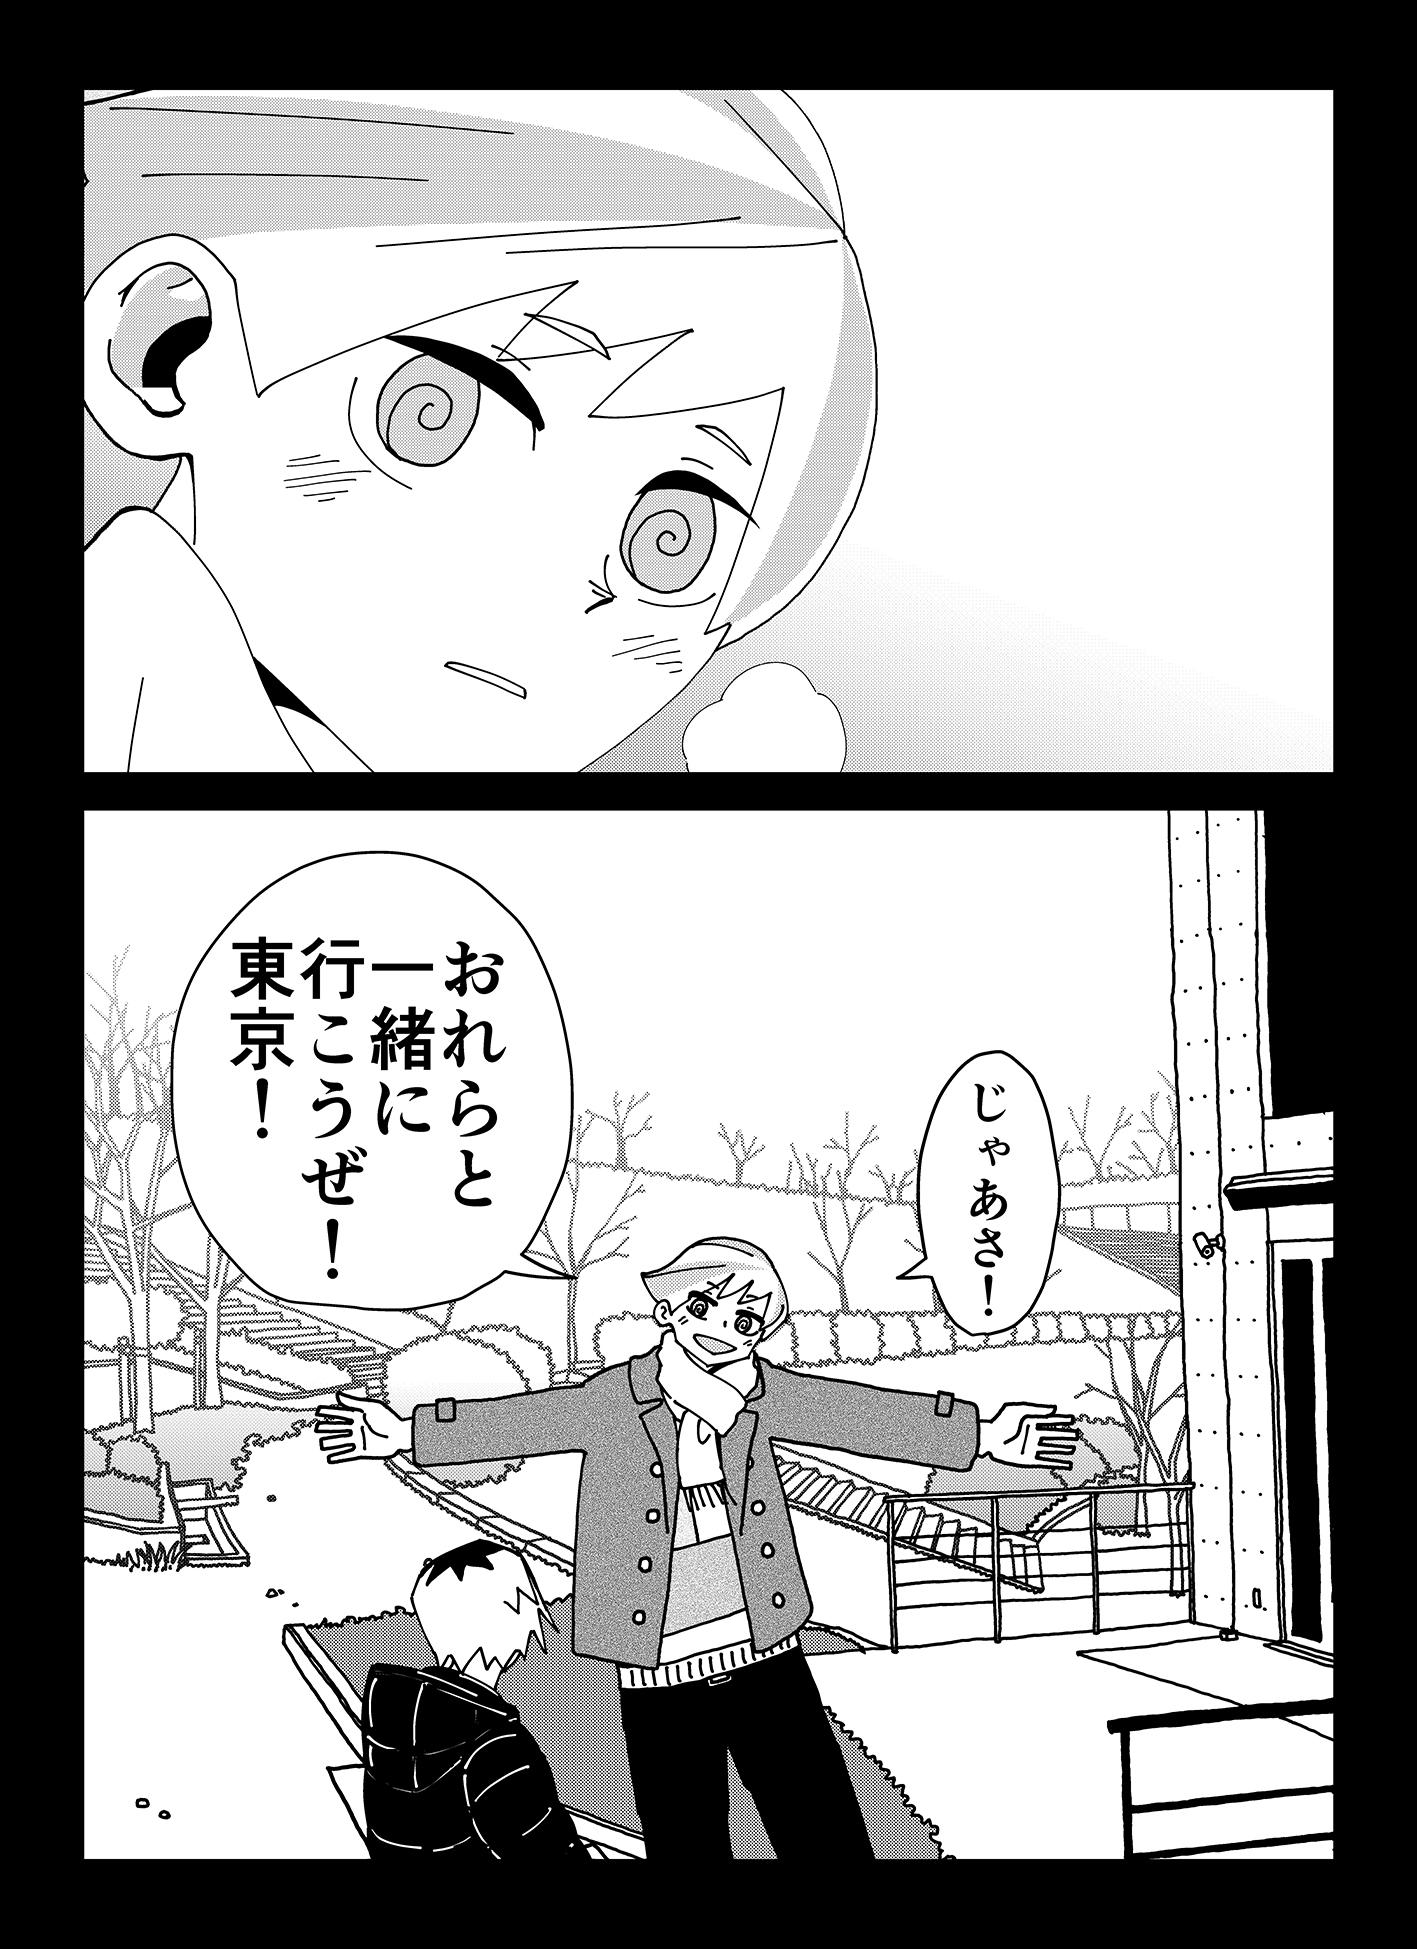 share10_004